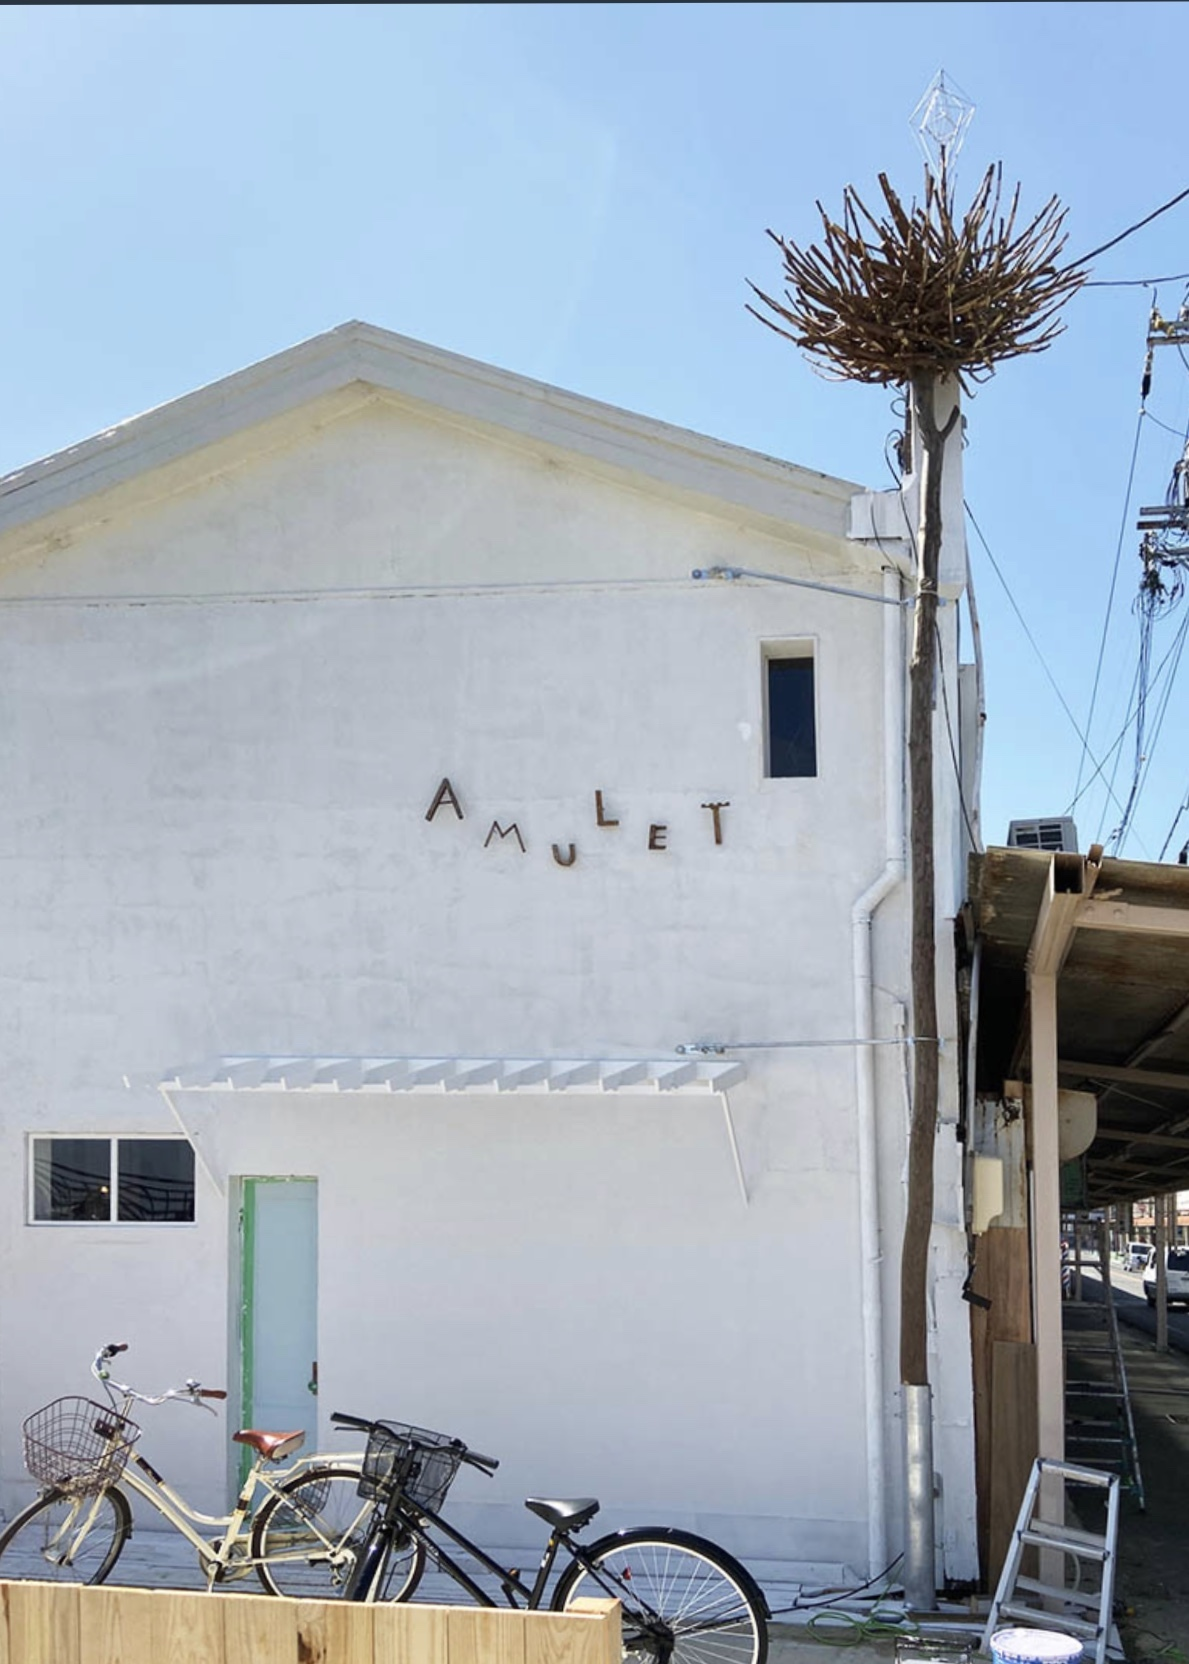 AMULETさんの三重新店、明日3/13(金)一部先行オープン❣️_a0137727_17040630.jpeg